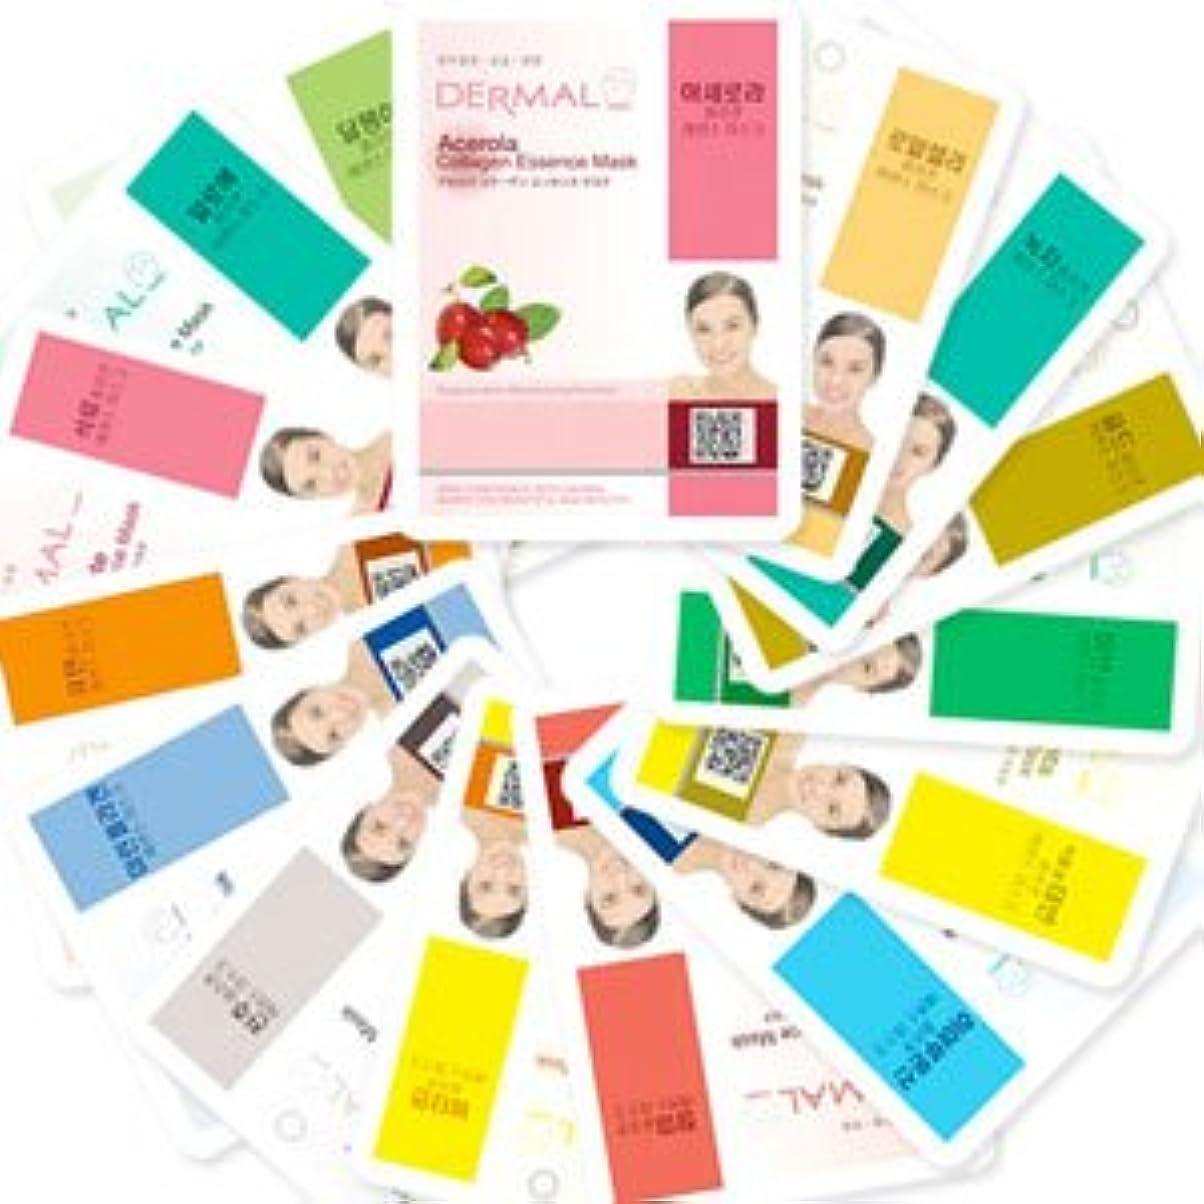 留まる本能束ねるDERMAL(ダーマル)な15種類お試しセット(数量限定)